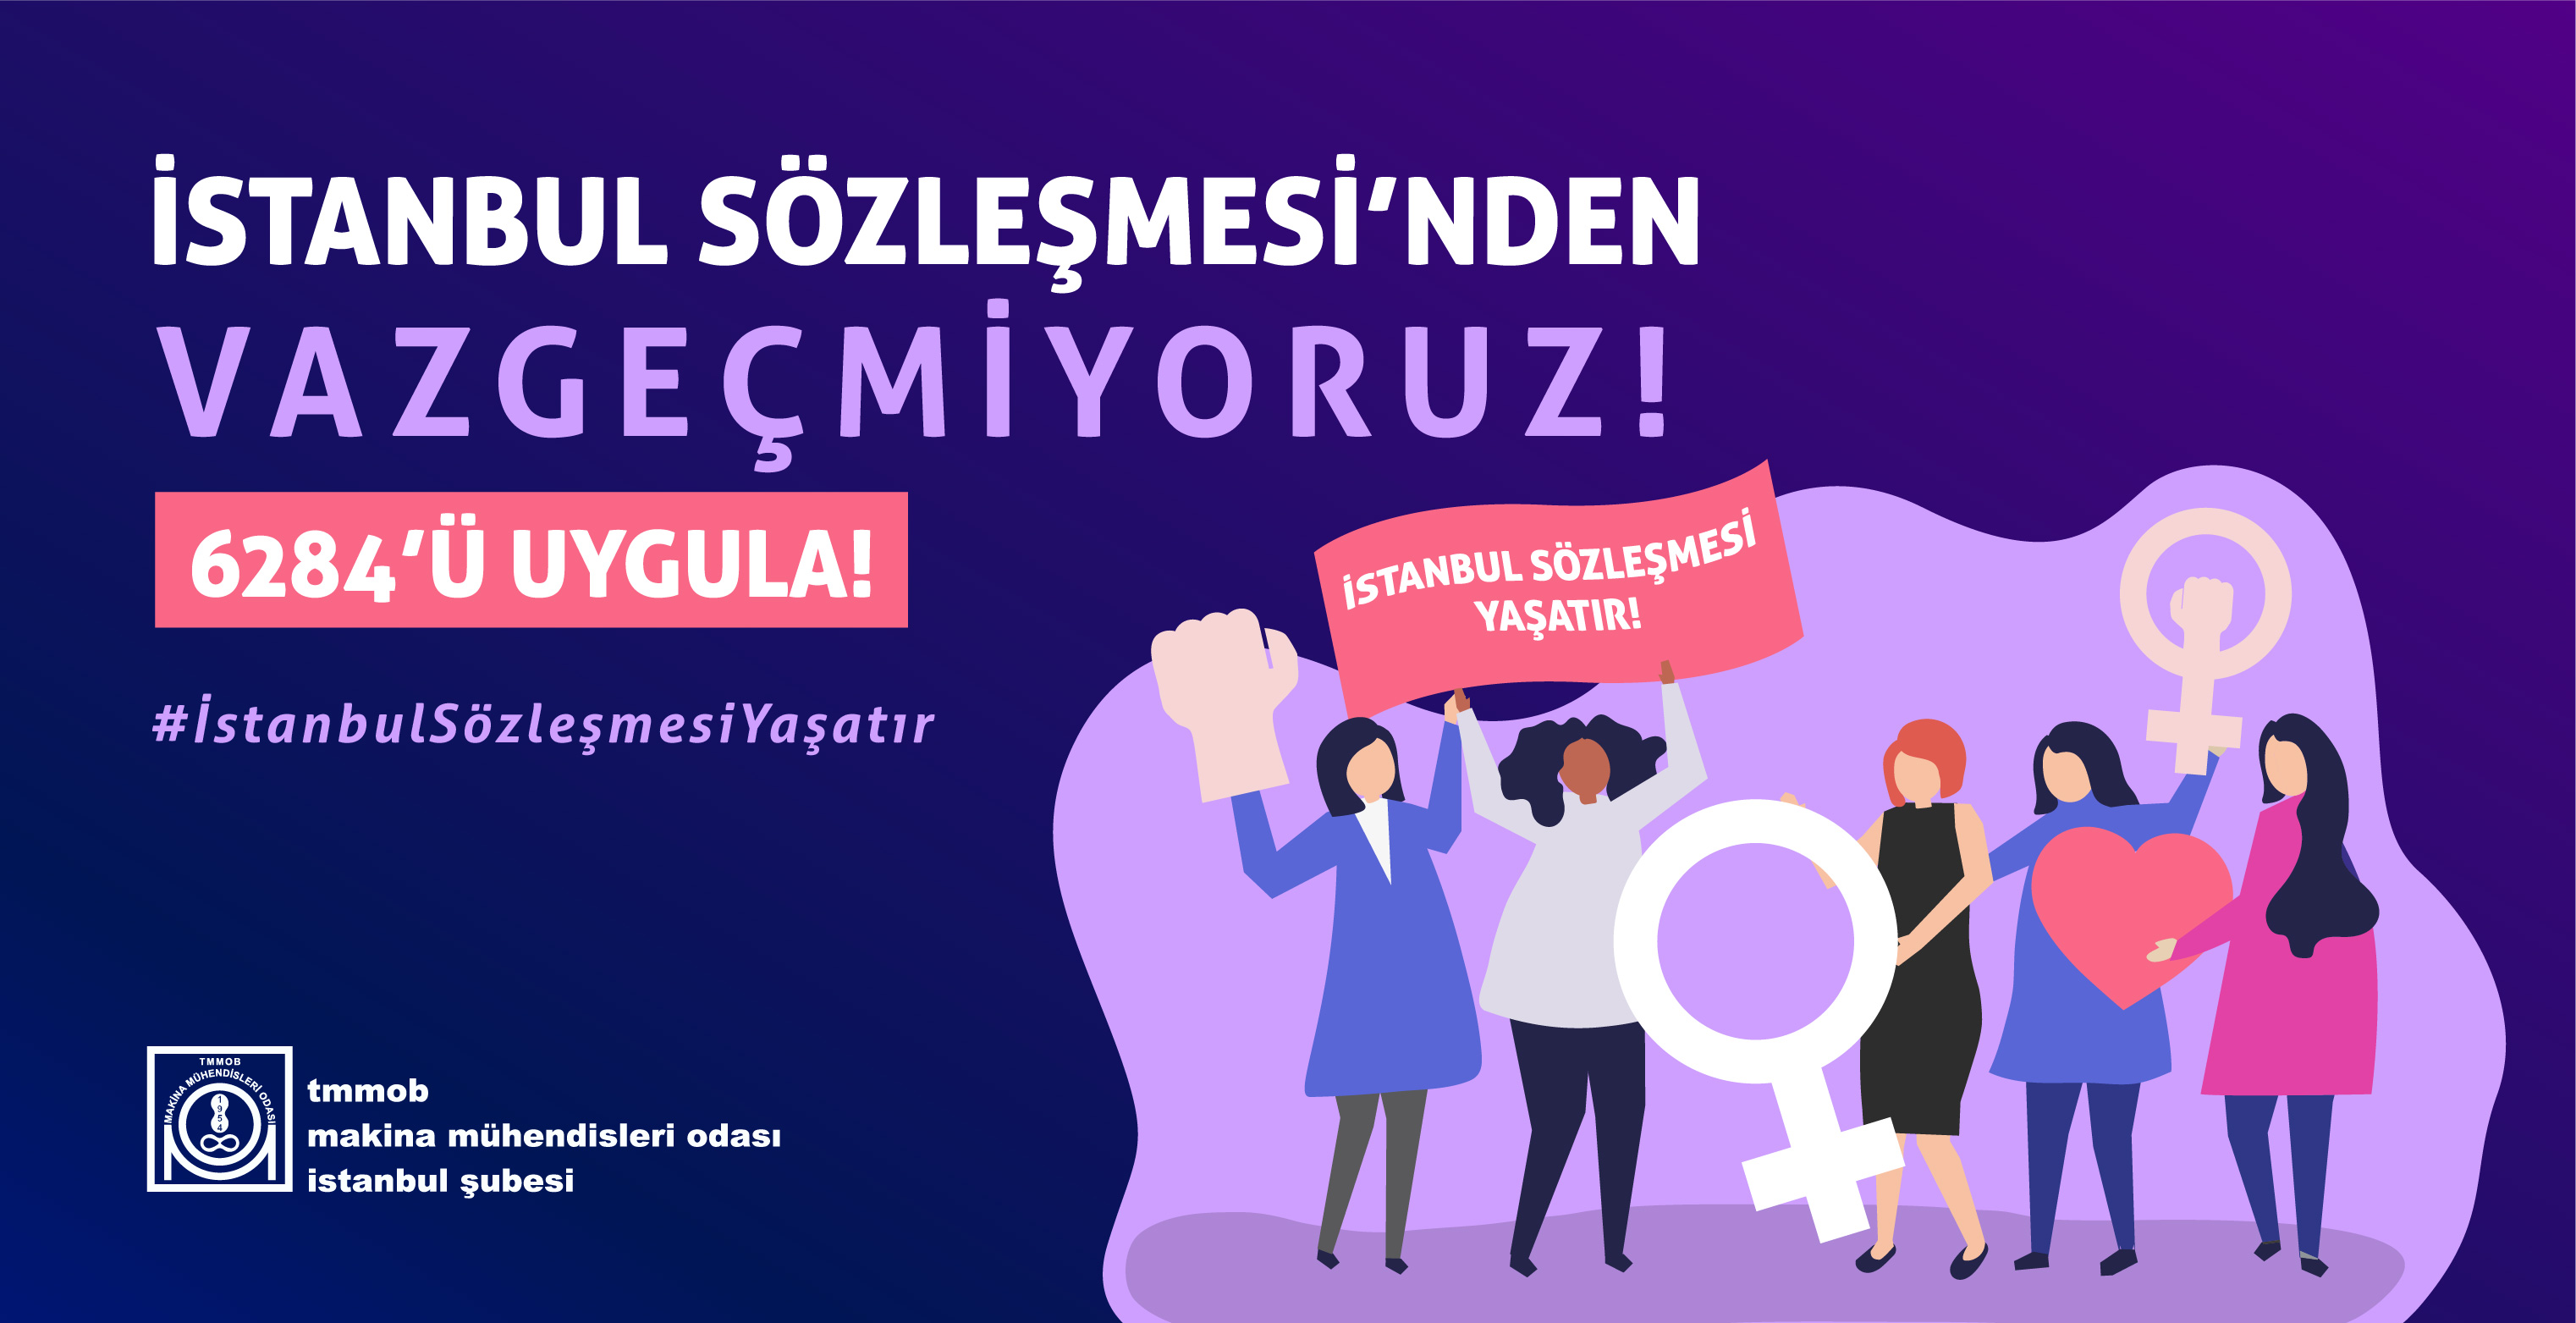 İstanbul Sözleşmesi'nden Vazgeçmiyoruz! | TMMOB Makina Mühendisleri Odası